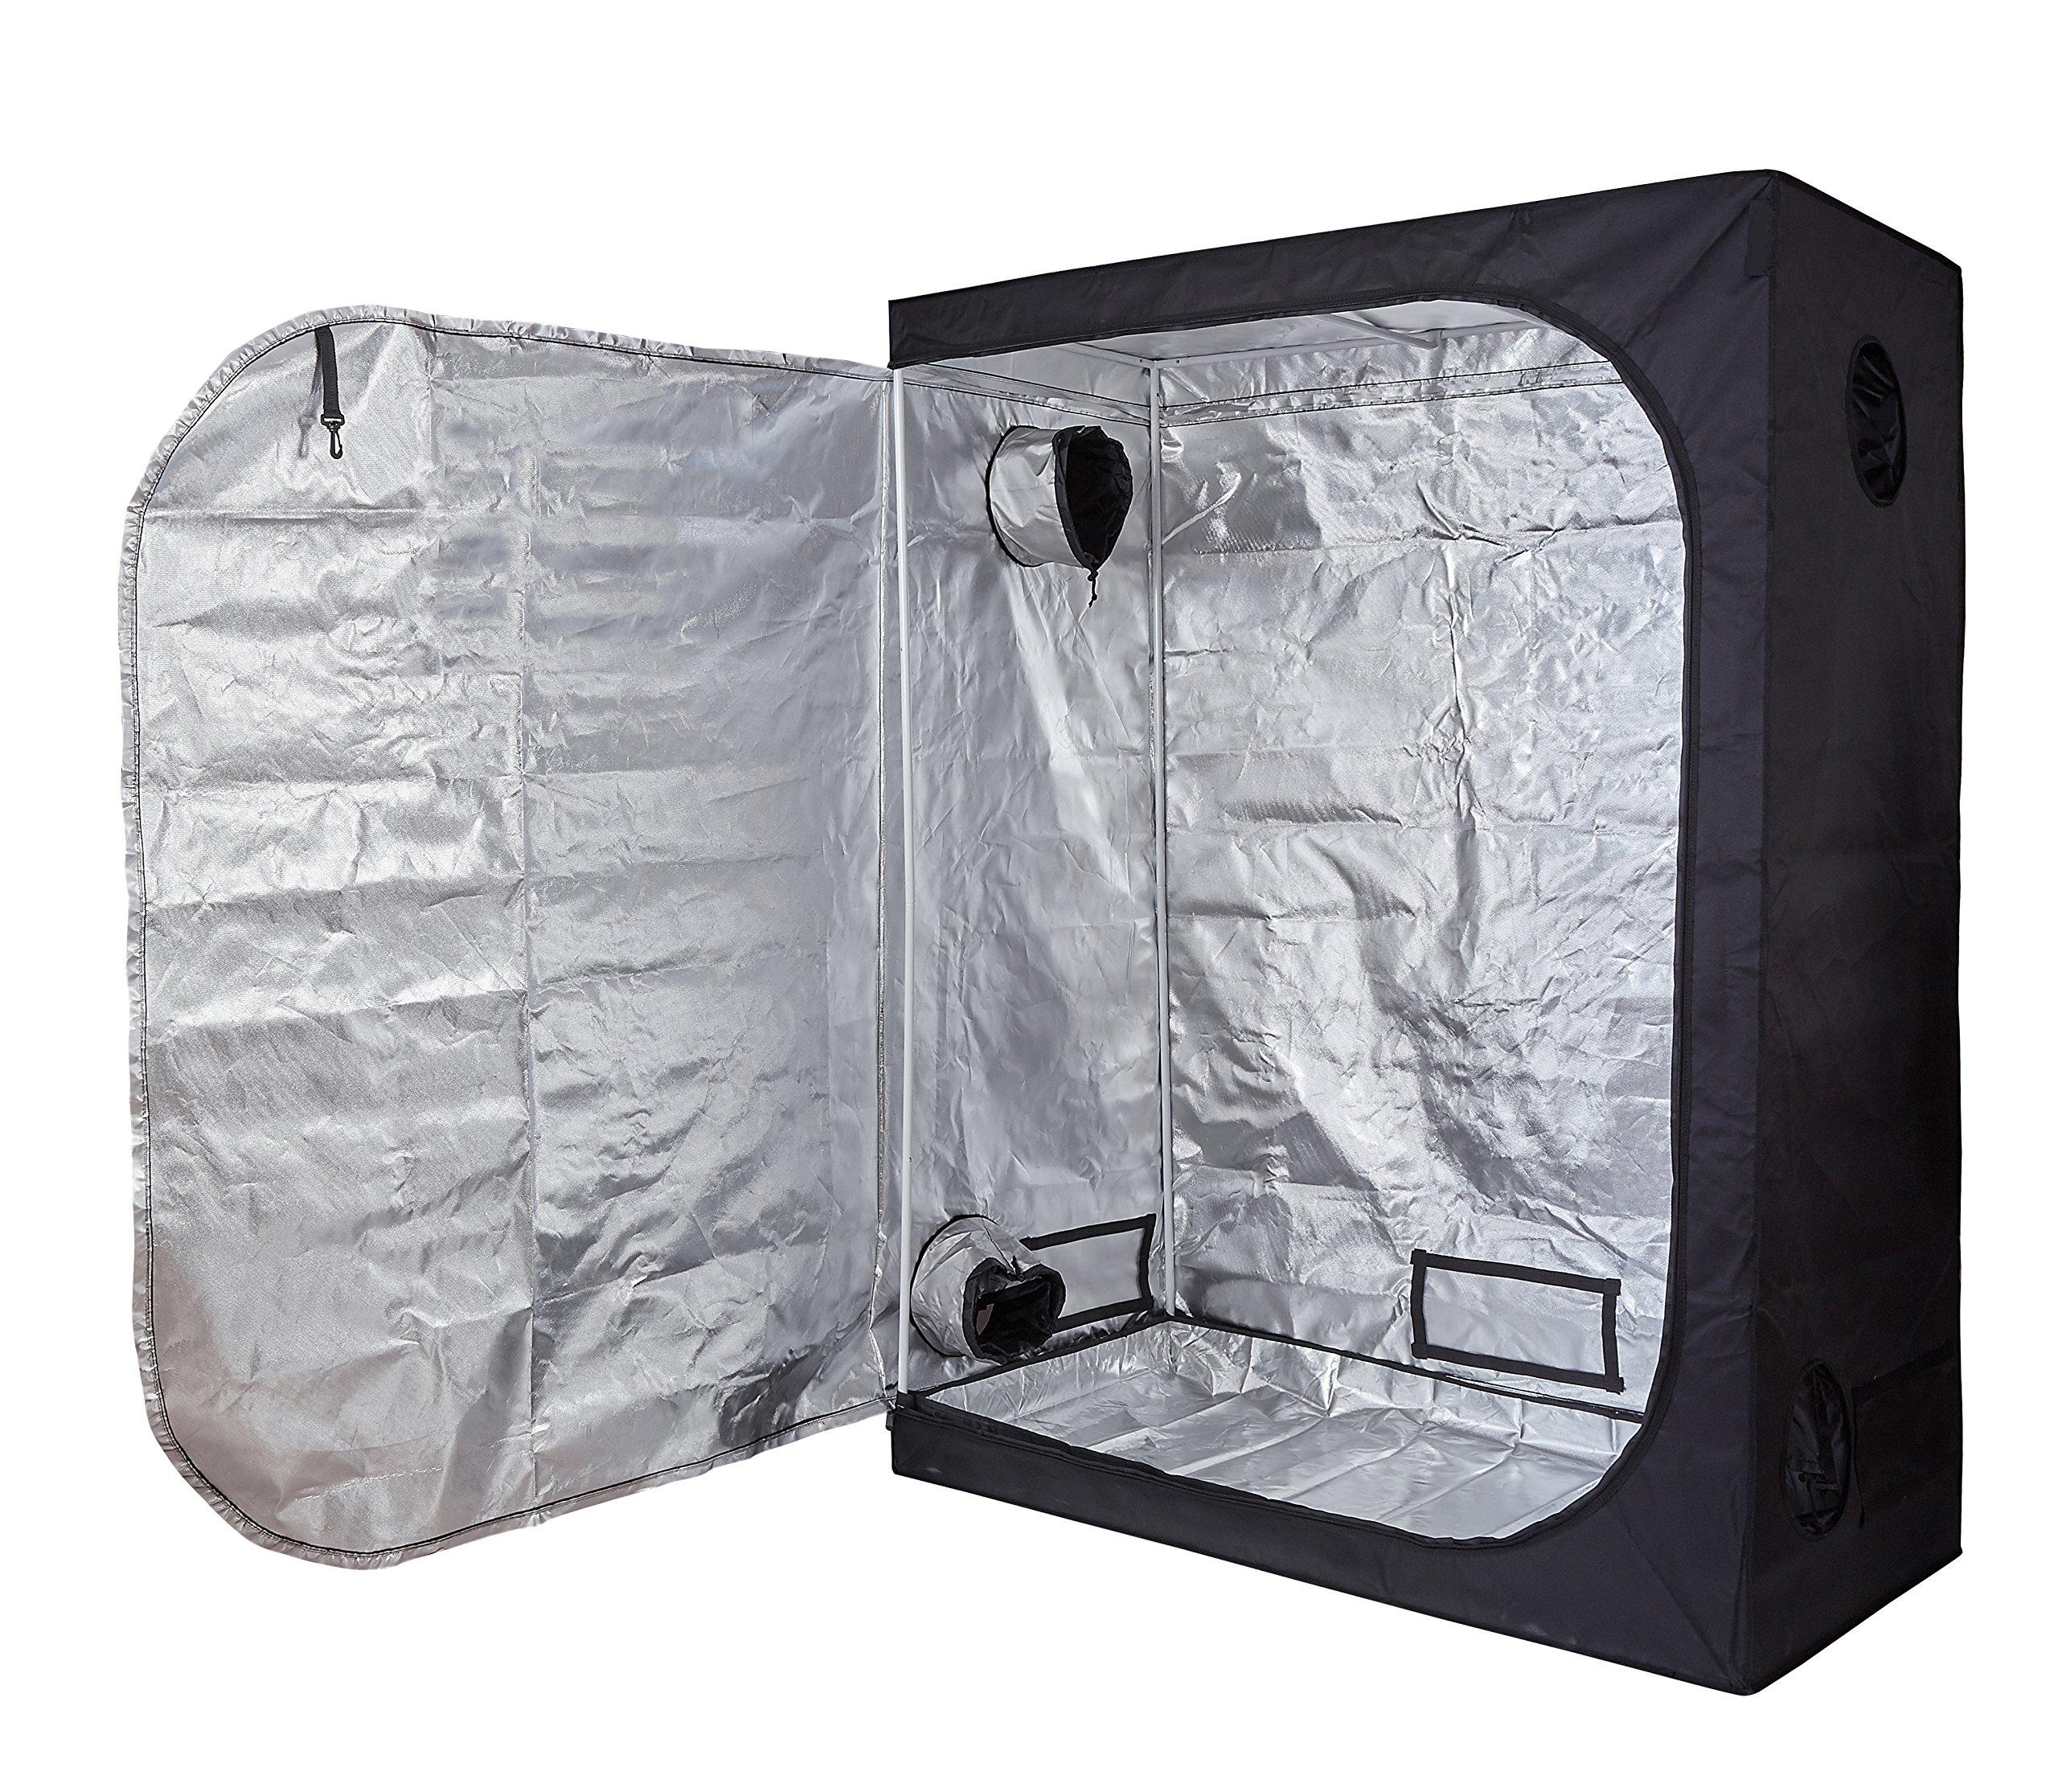 Hongruilite 60''X32''X80'' Hydroponic Indoor Grow Tent Room w/Plastic Corner (60''x32''x80'') by Hongruilite